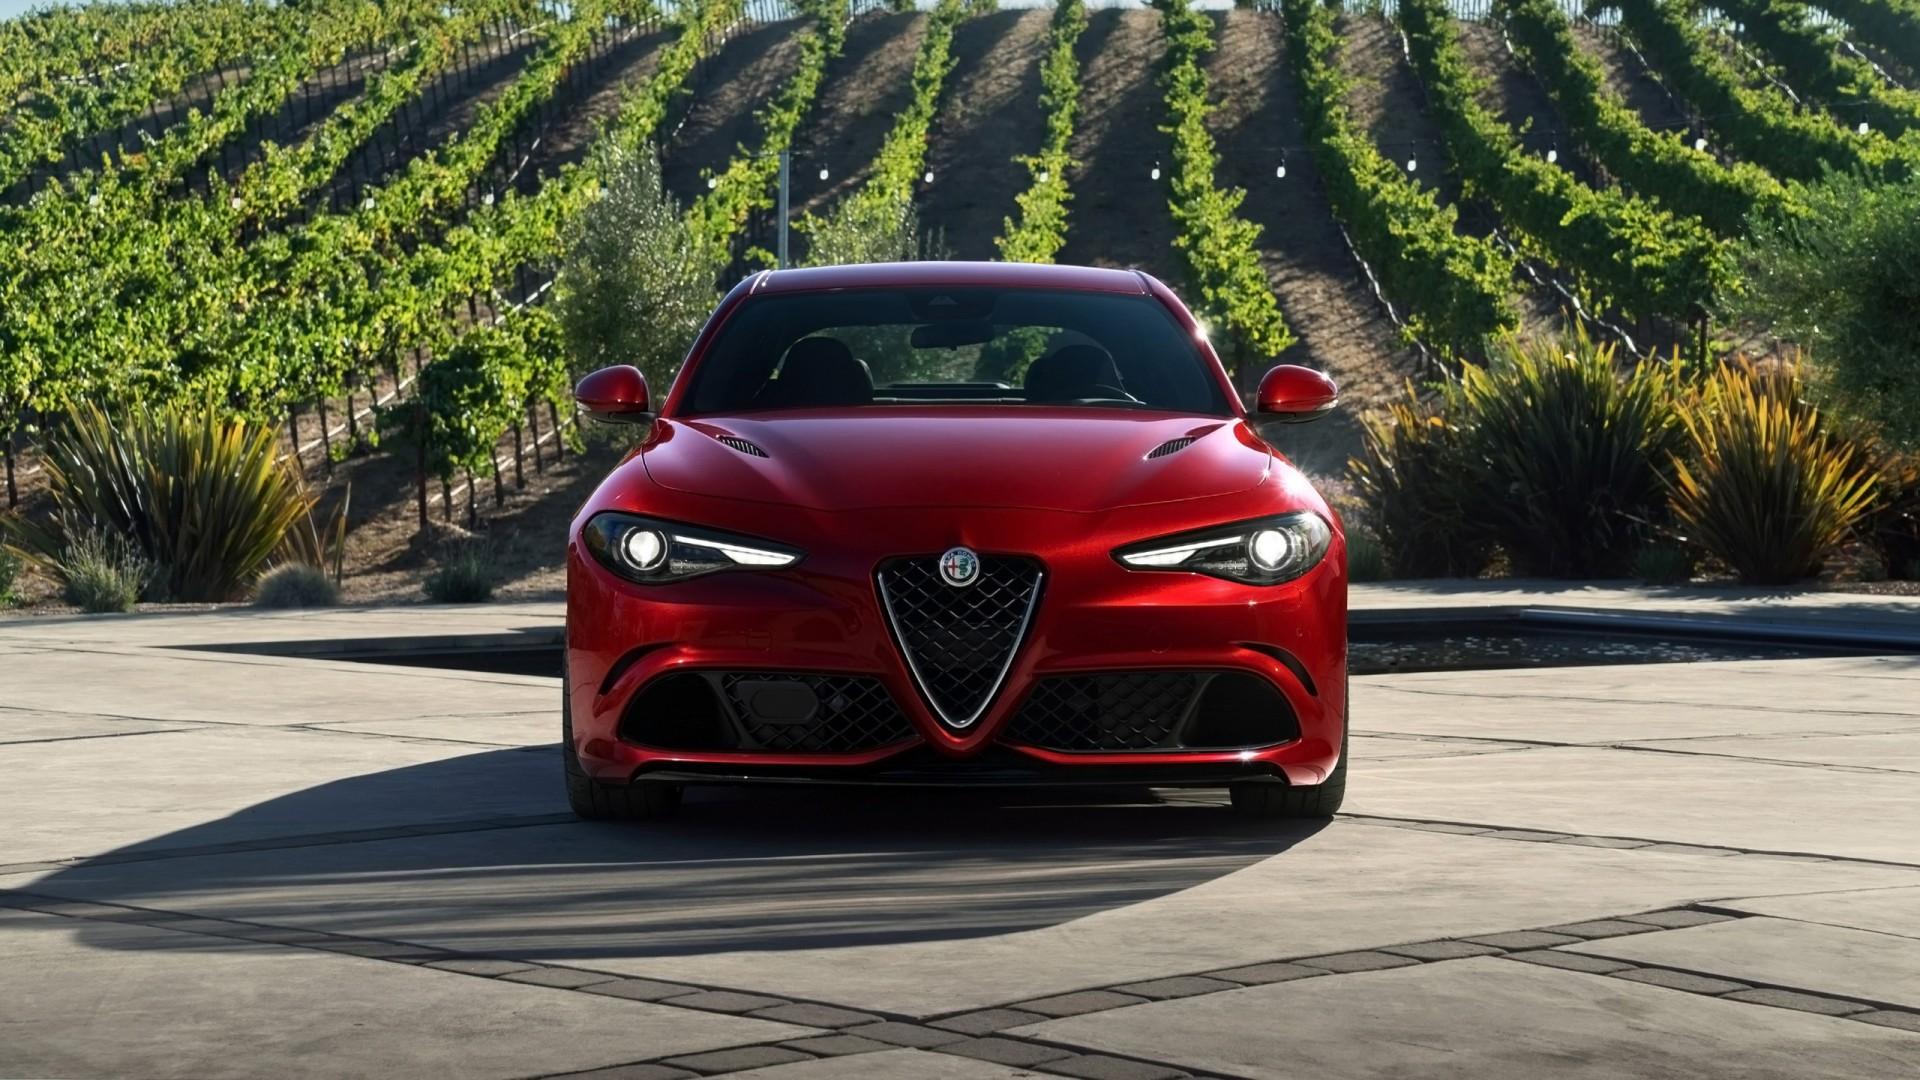 2017 Alfa Romeo Giulia Quadrifoglio 3 Wallpaper Hd Car